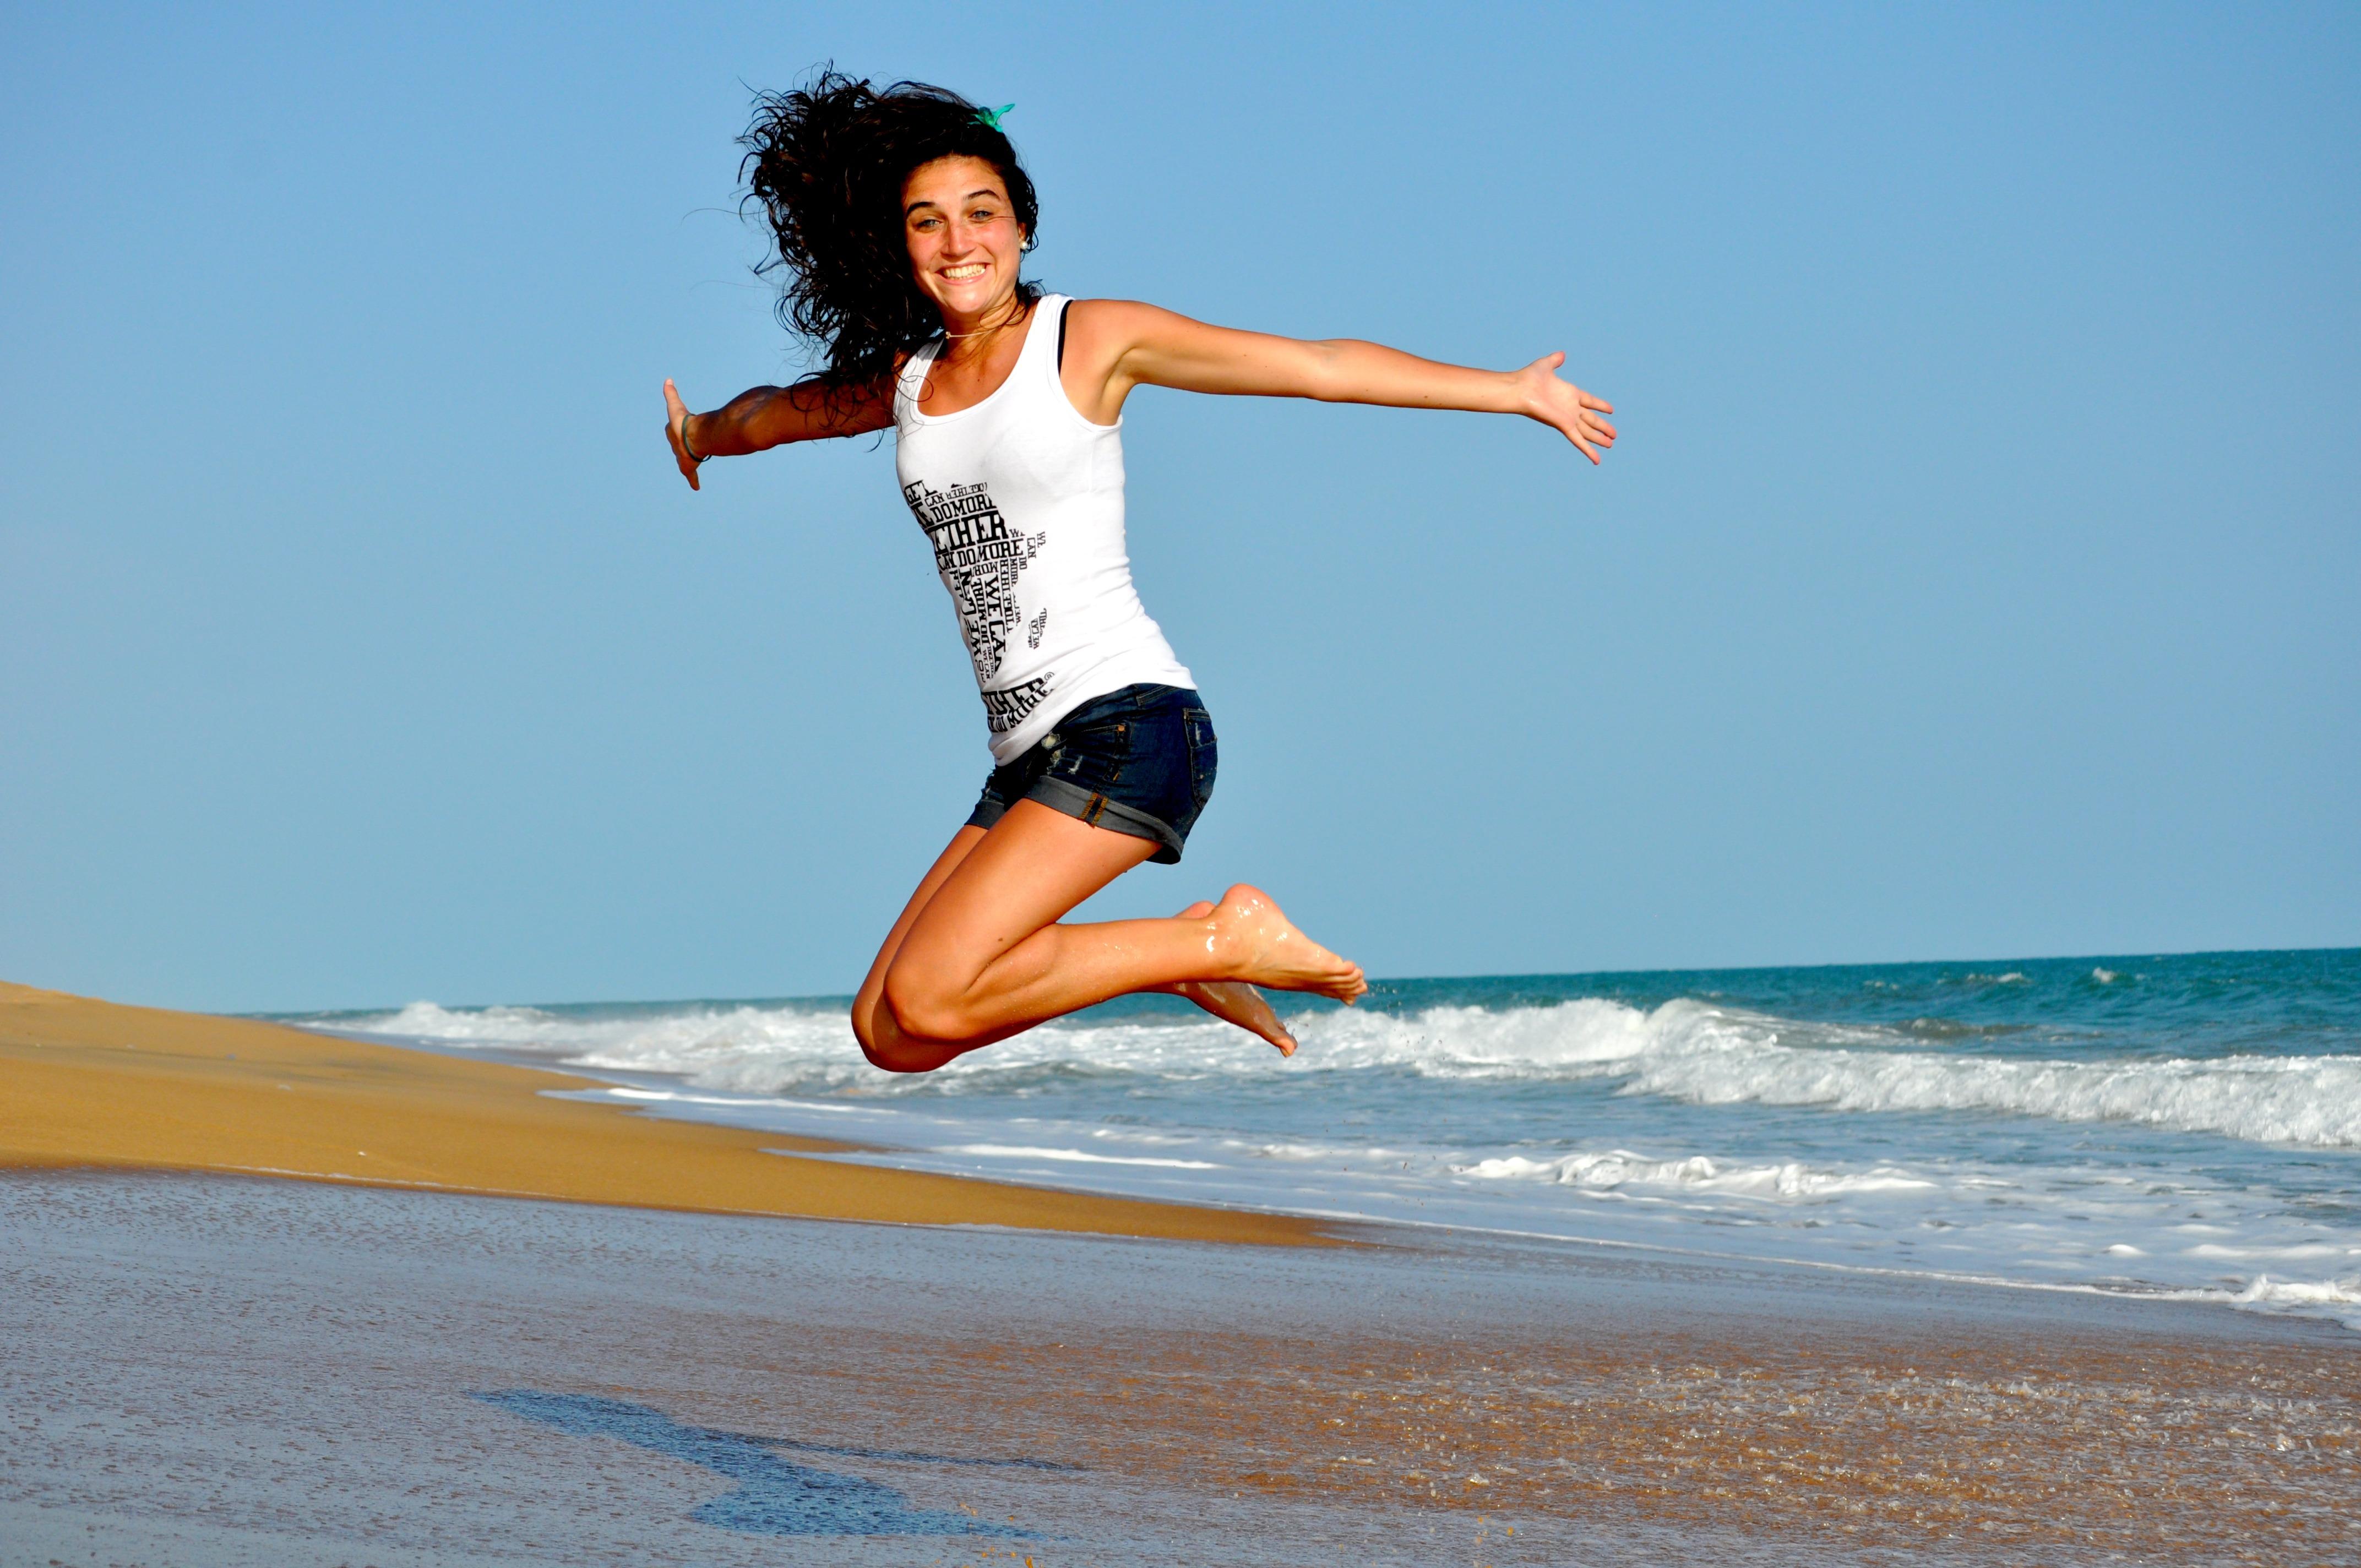 Junge Frau, die am Meer in die Luft springt